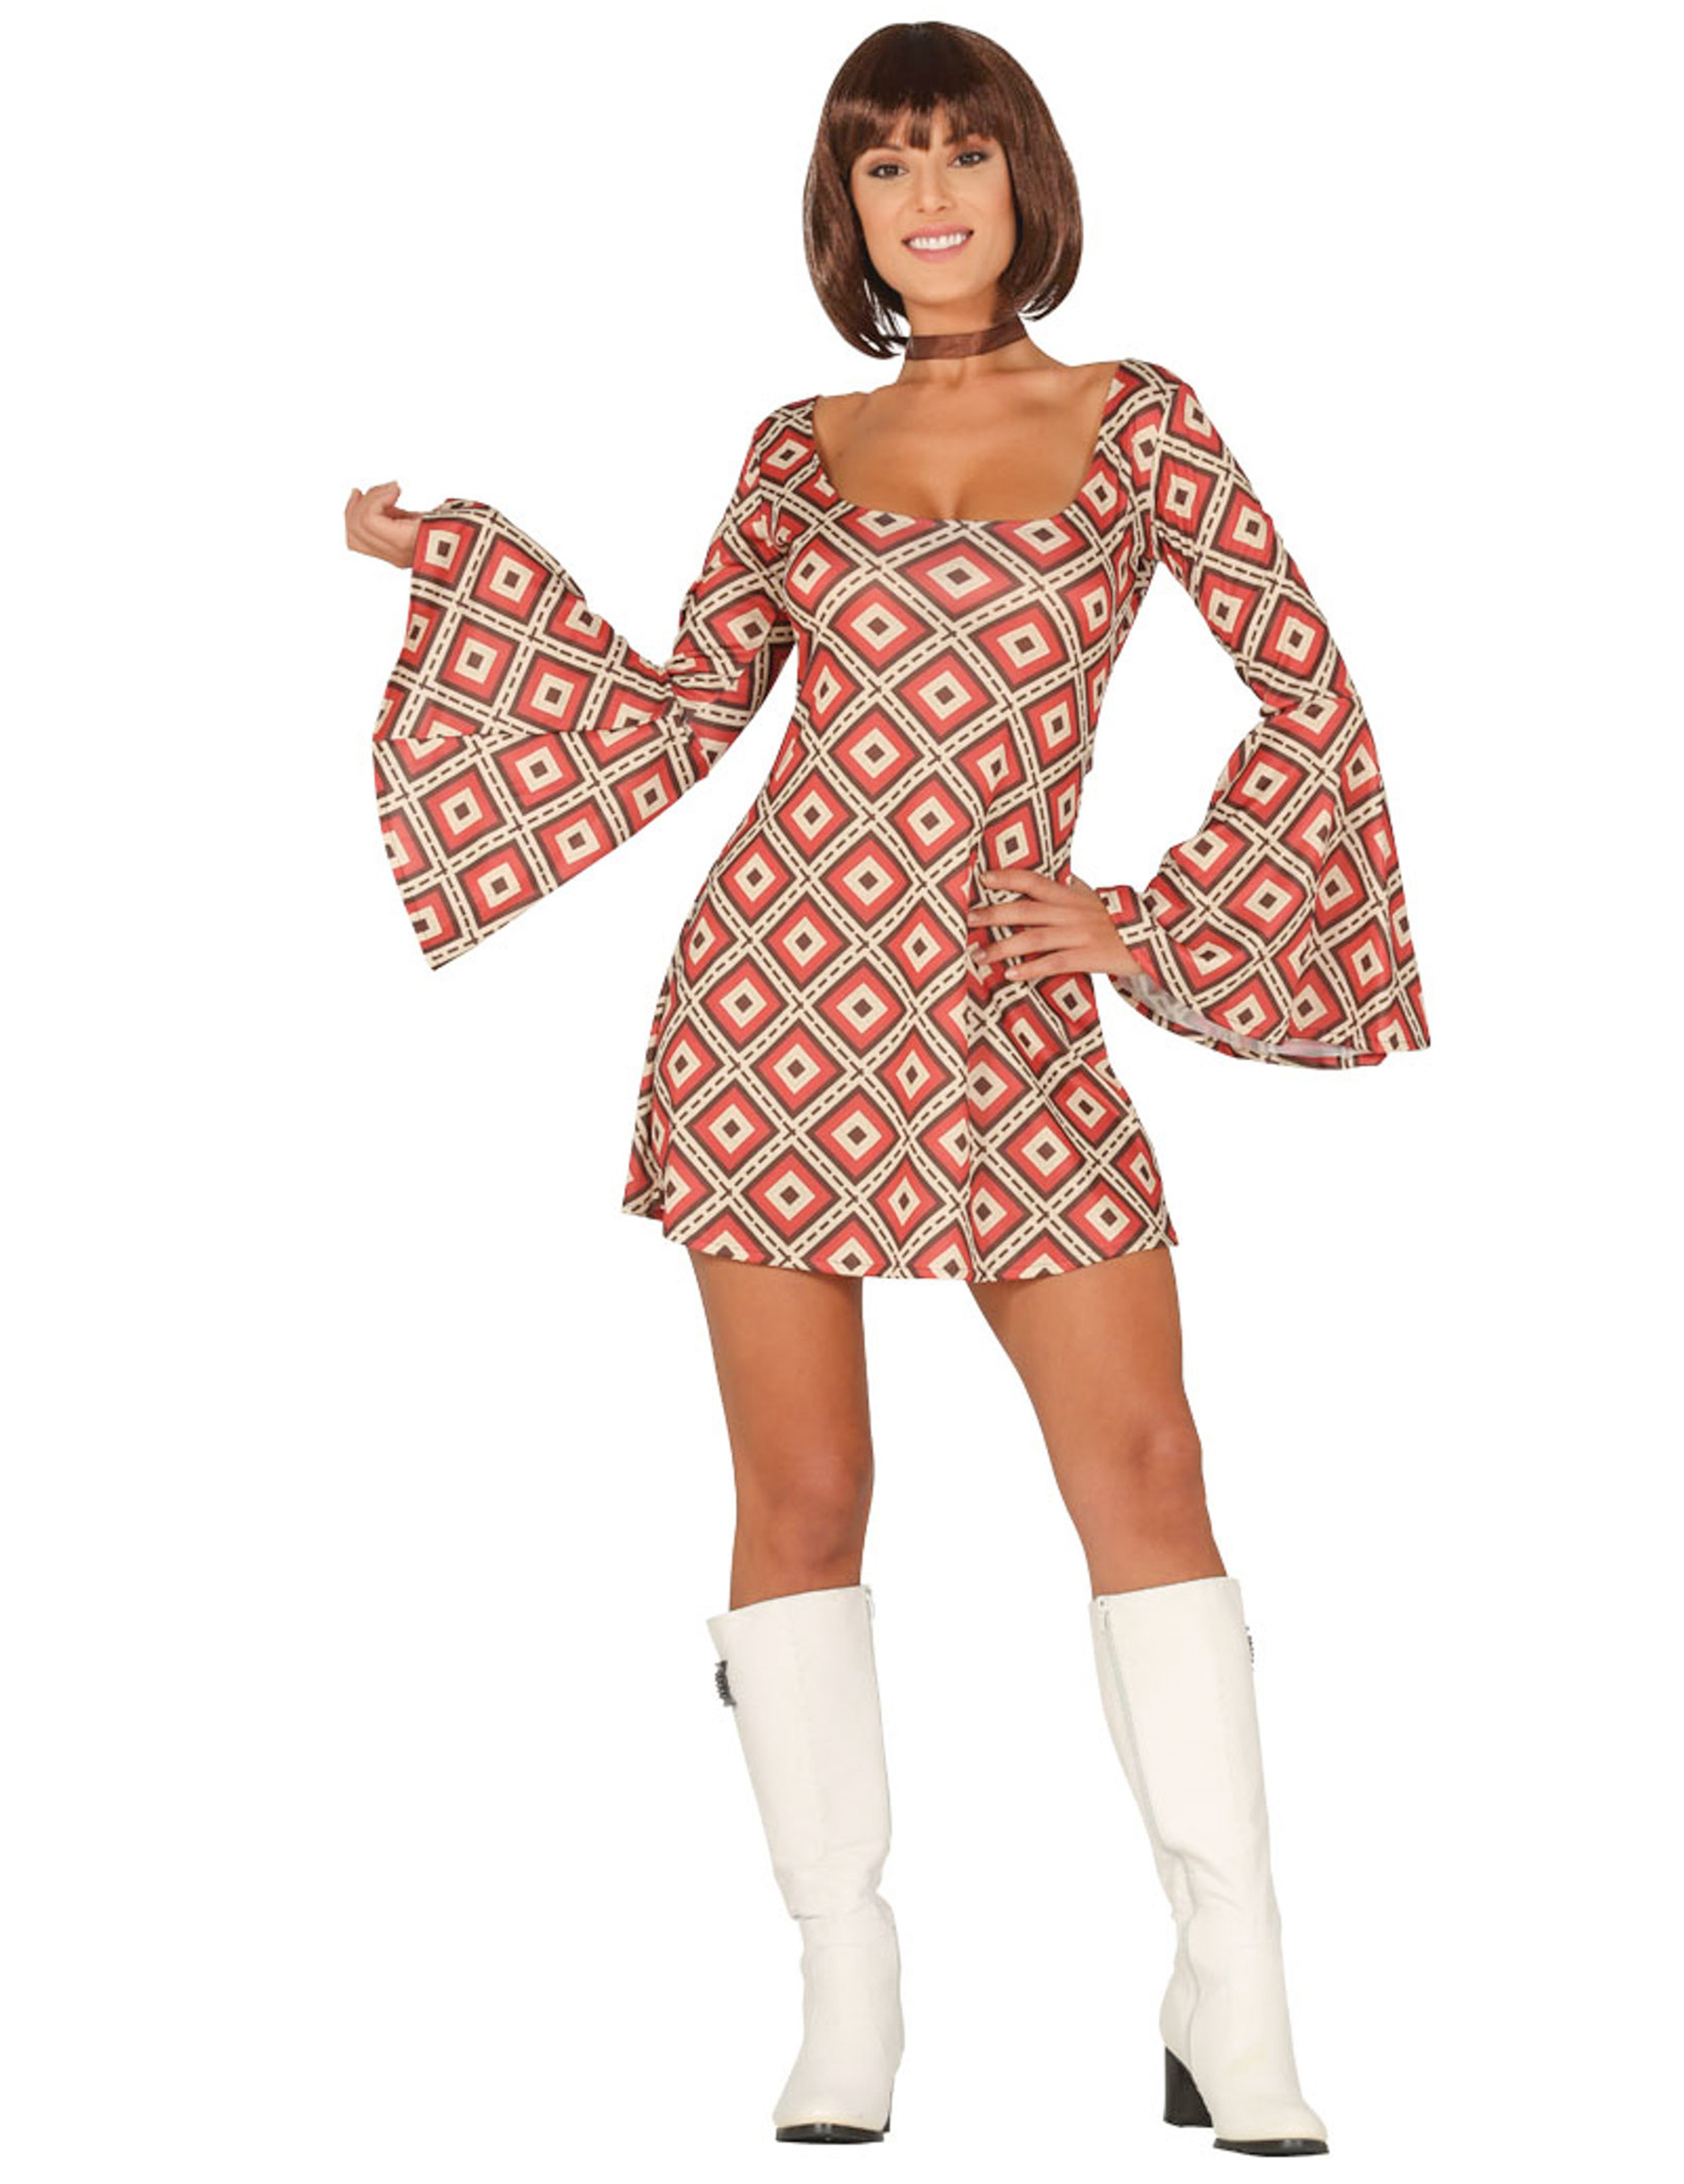 Déguisement robe disco losange femme